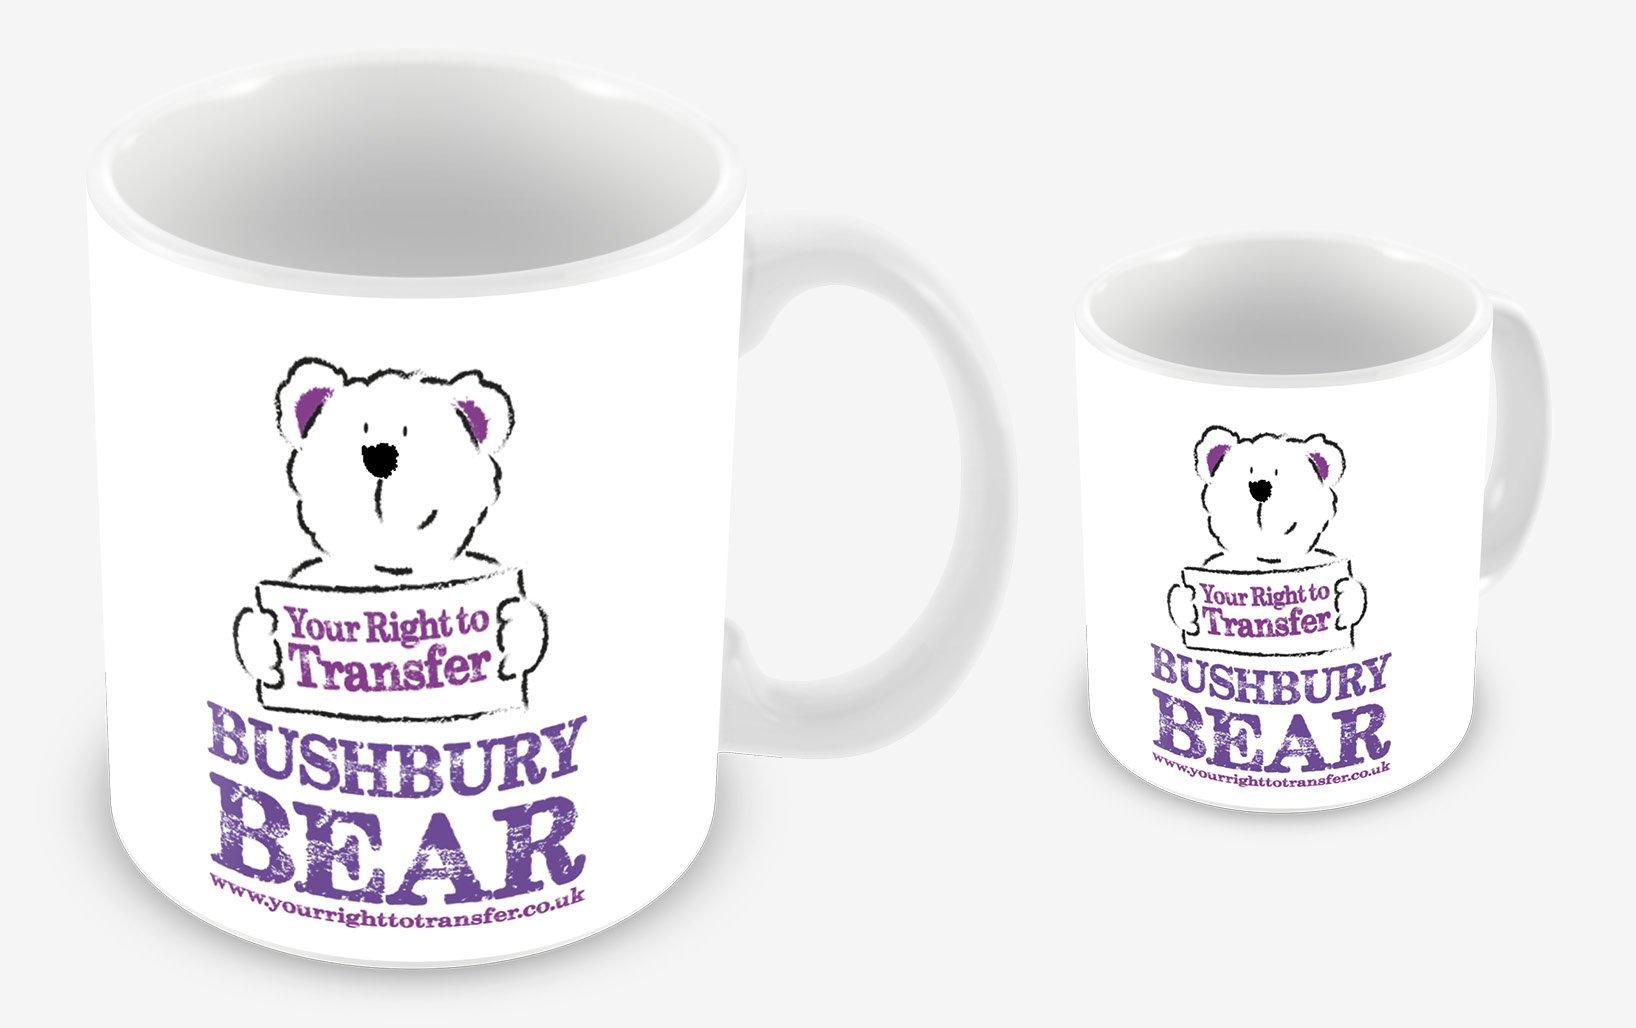 Bushbury promotional mugs